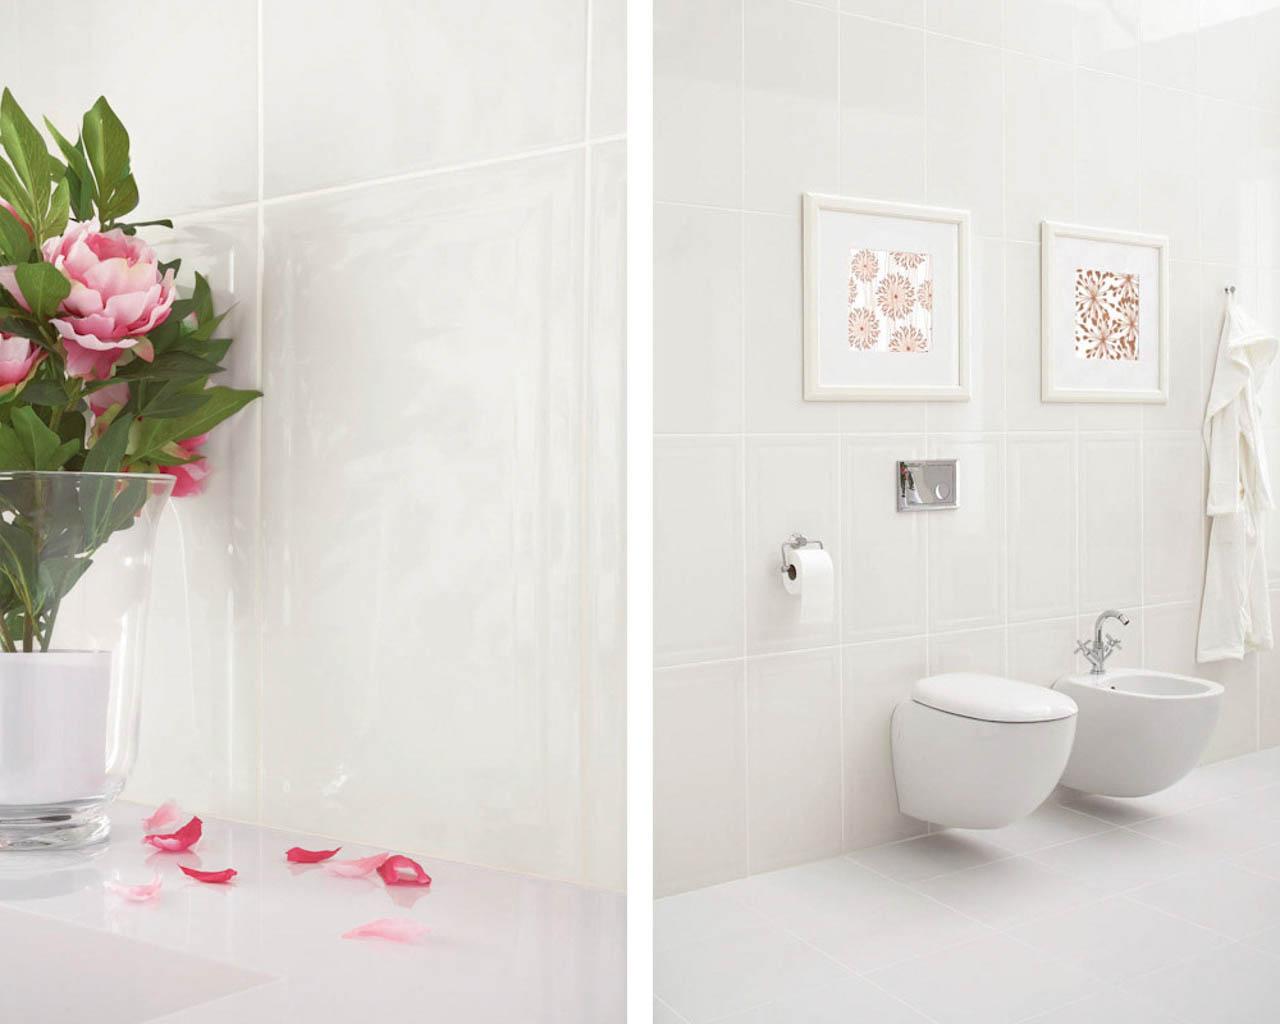 Biała łazienka z kwiatowymi dekoracjami